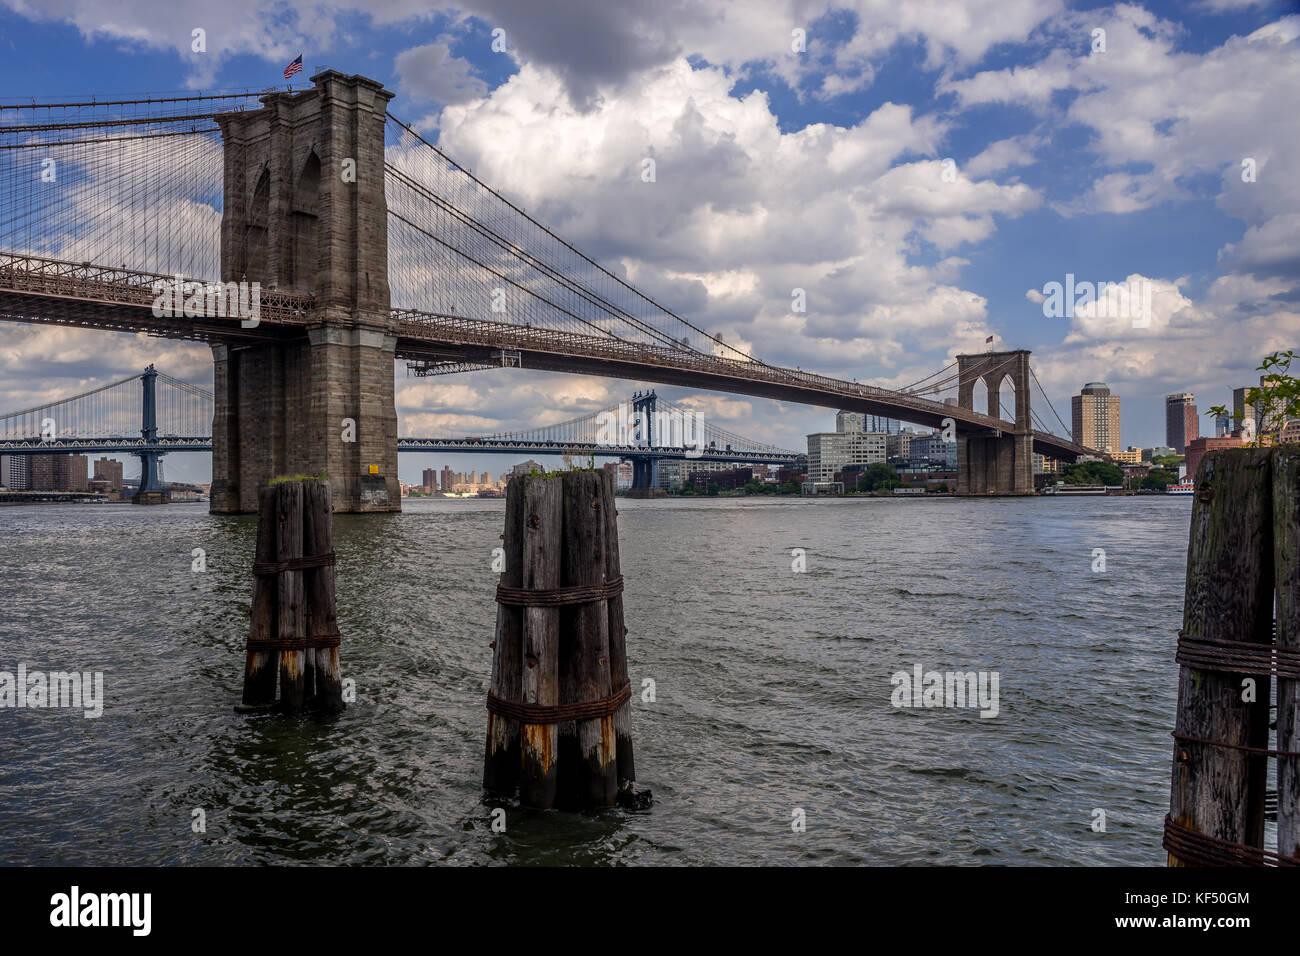 Brooklyn Bridge looking towards Brooklyn - Stock Image